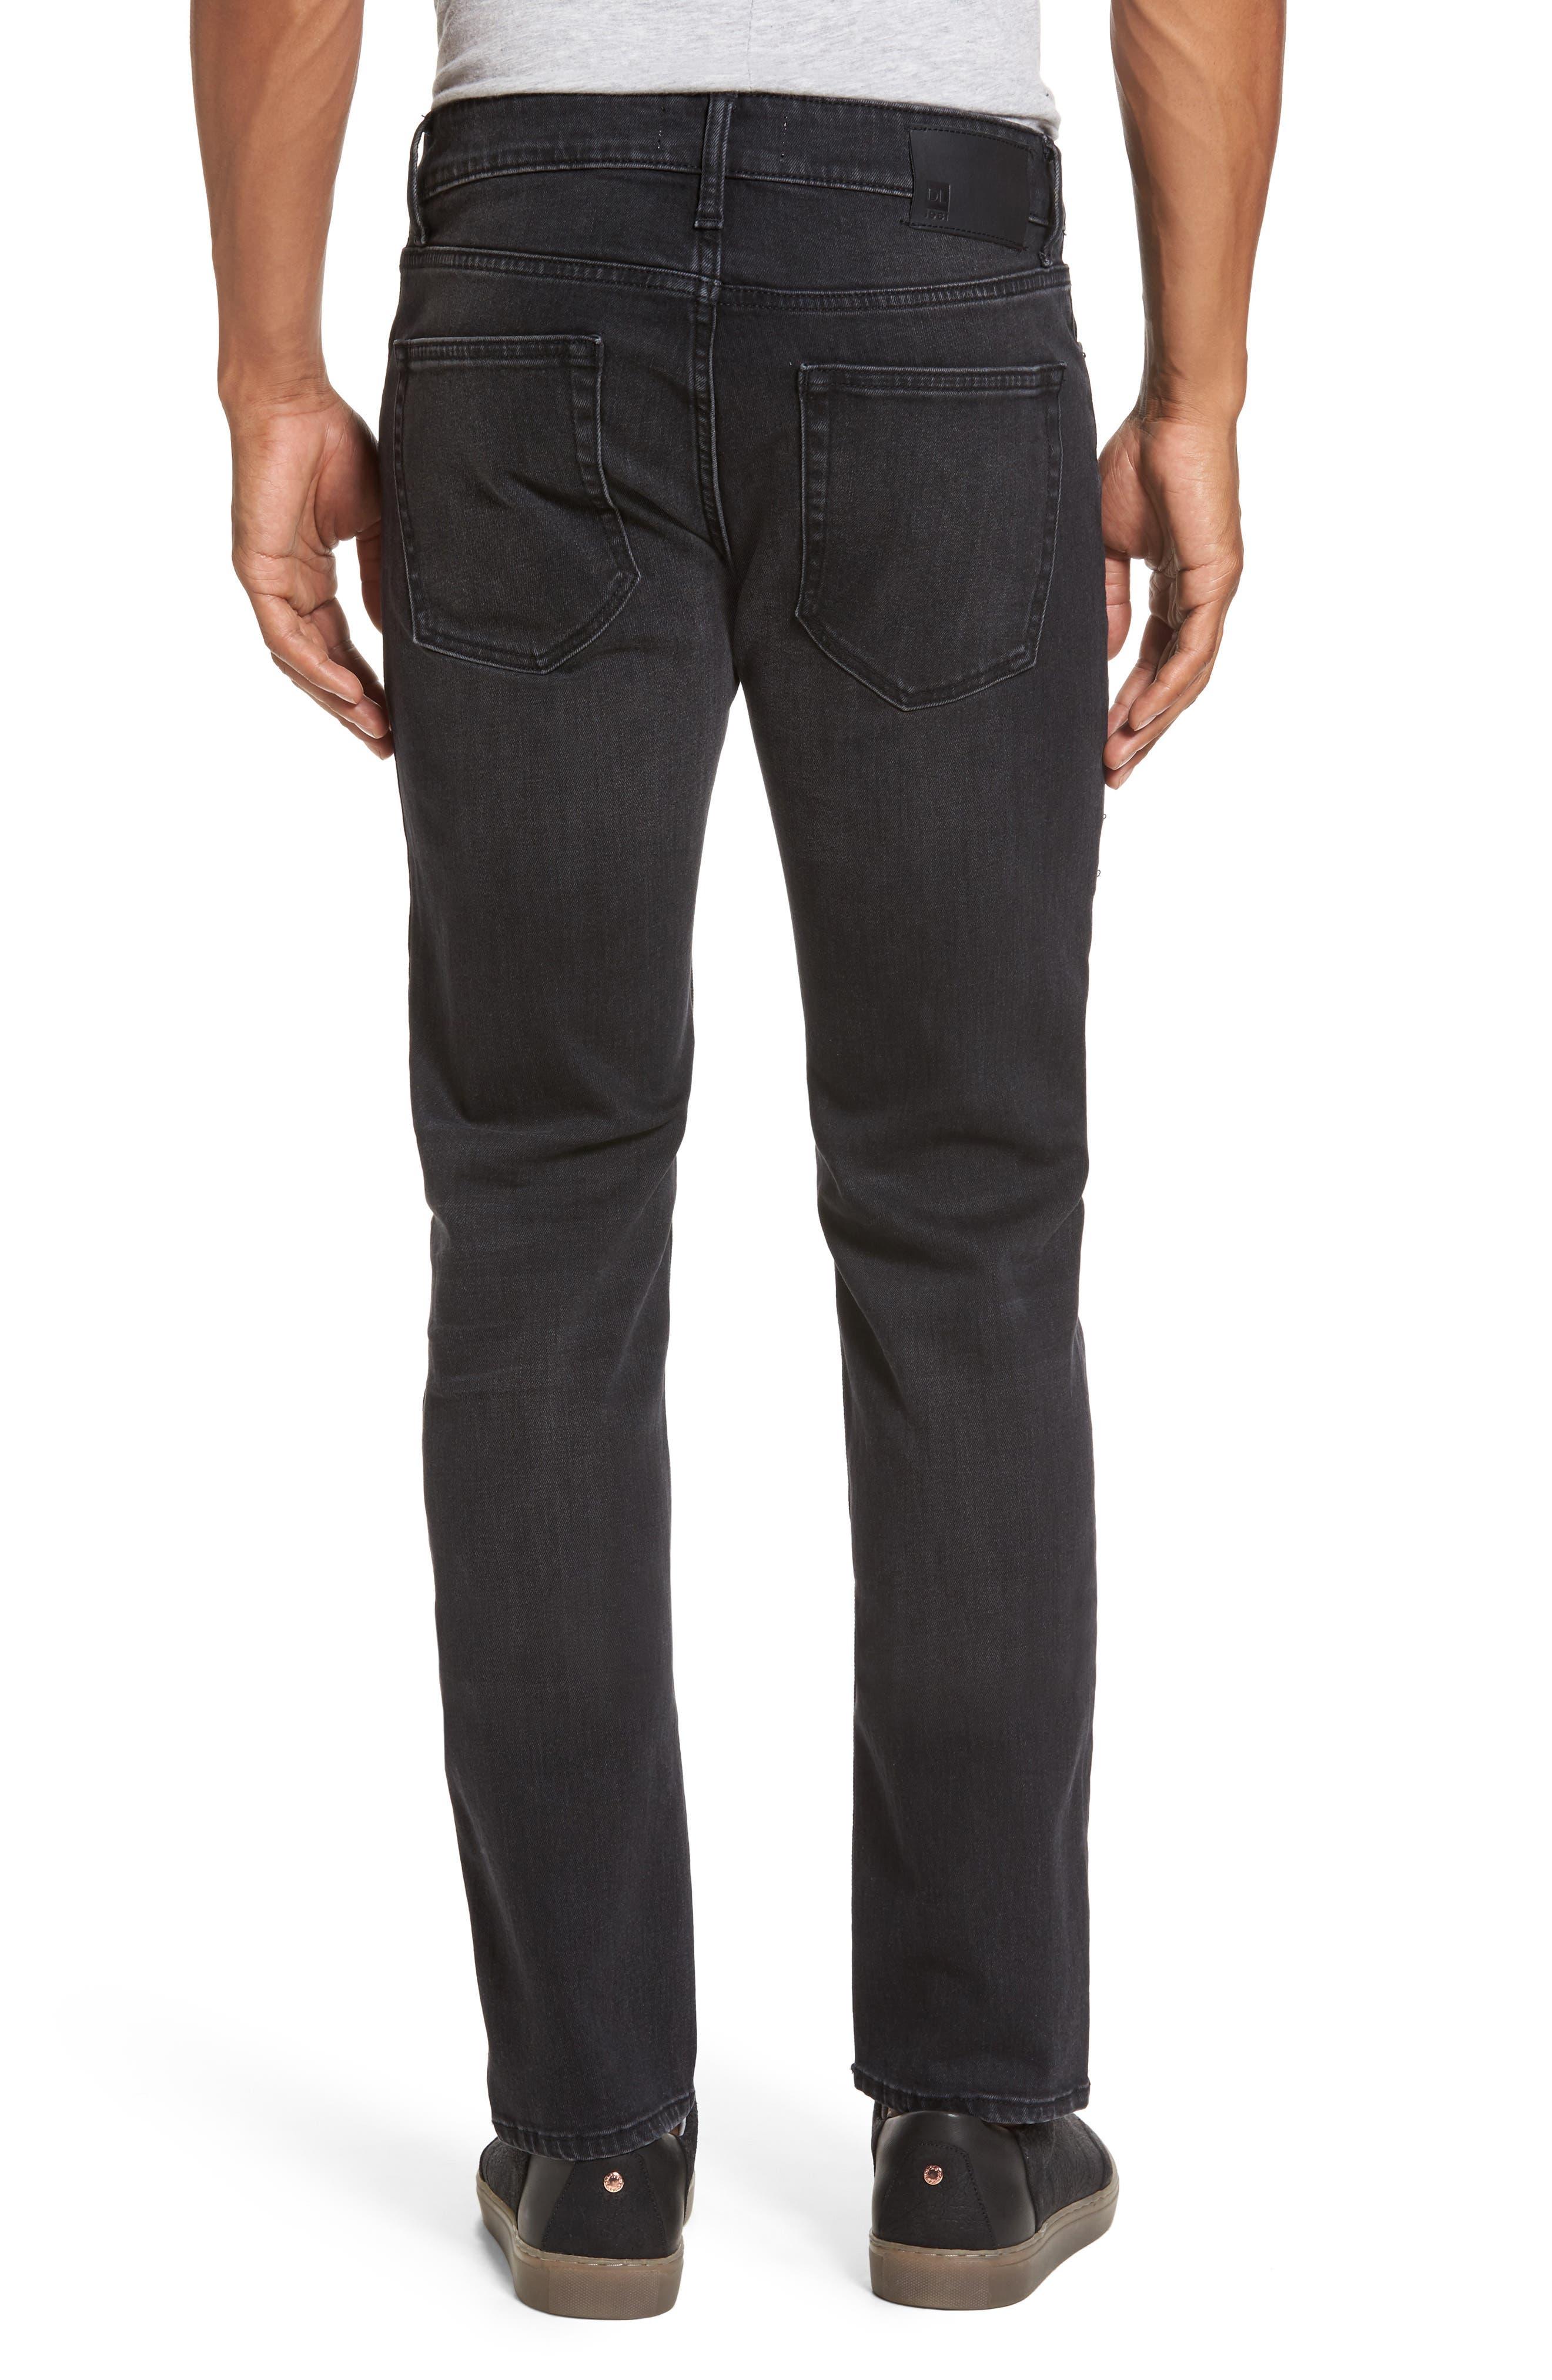 Alternate Image 2  - DL1961 Nick Slim Fit Jeans (Jet)